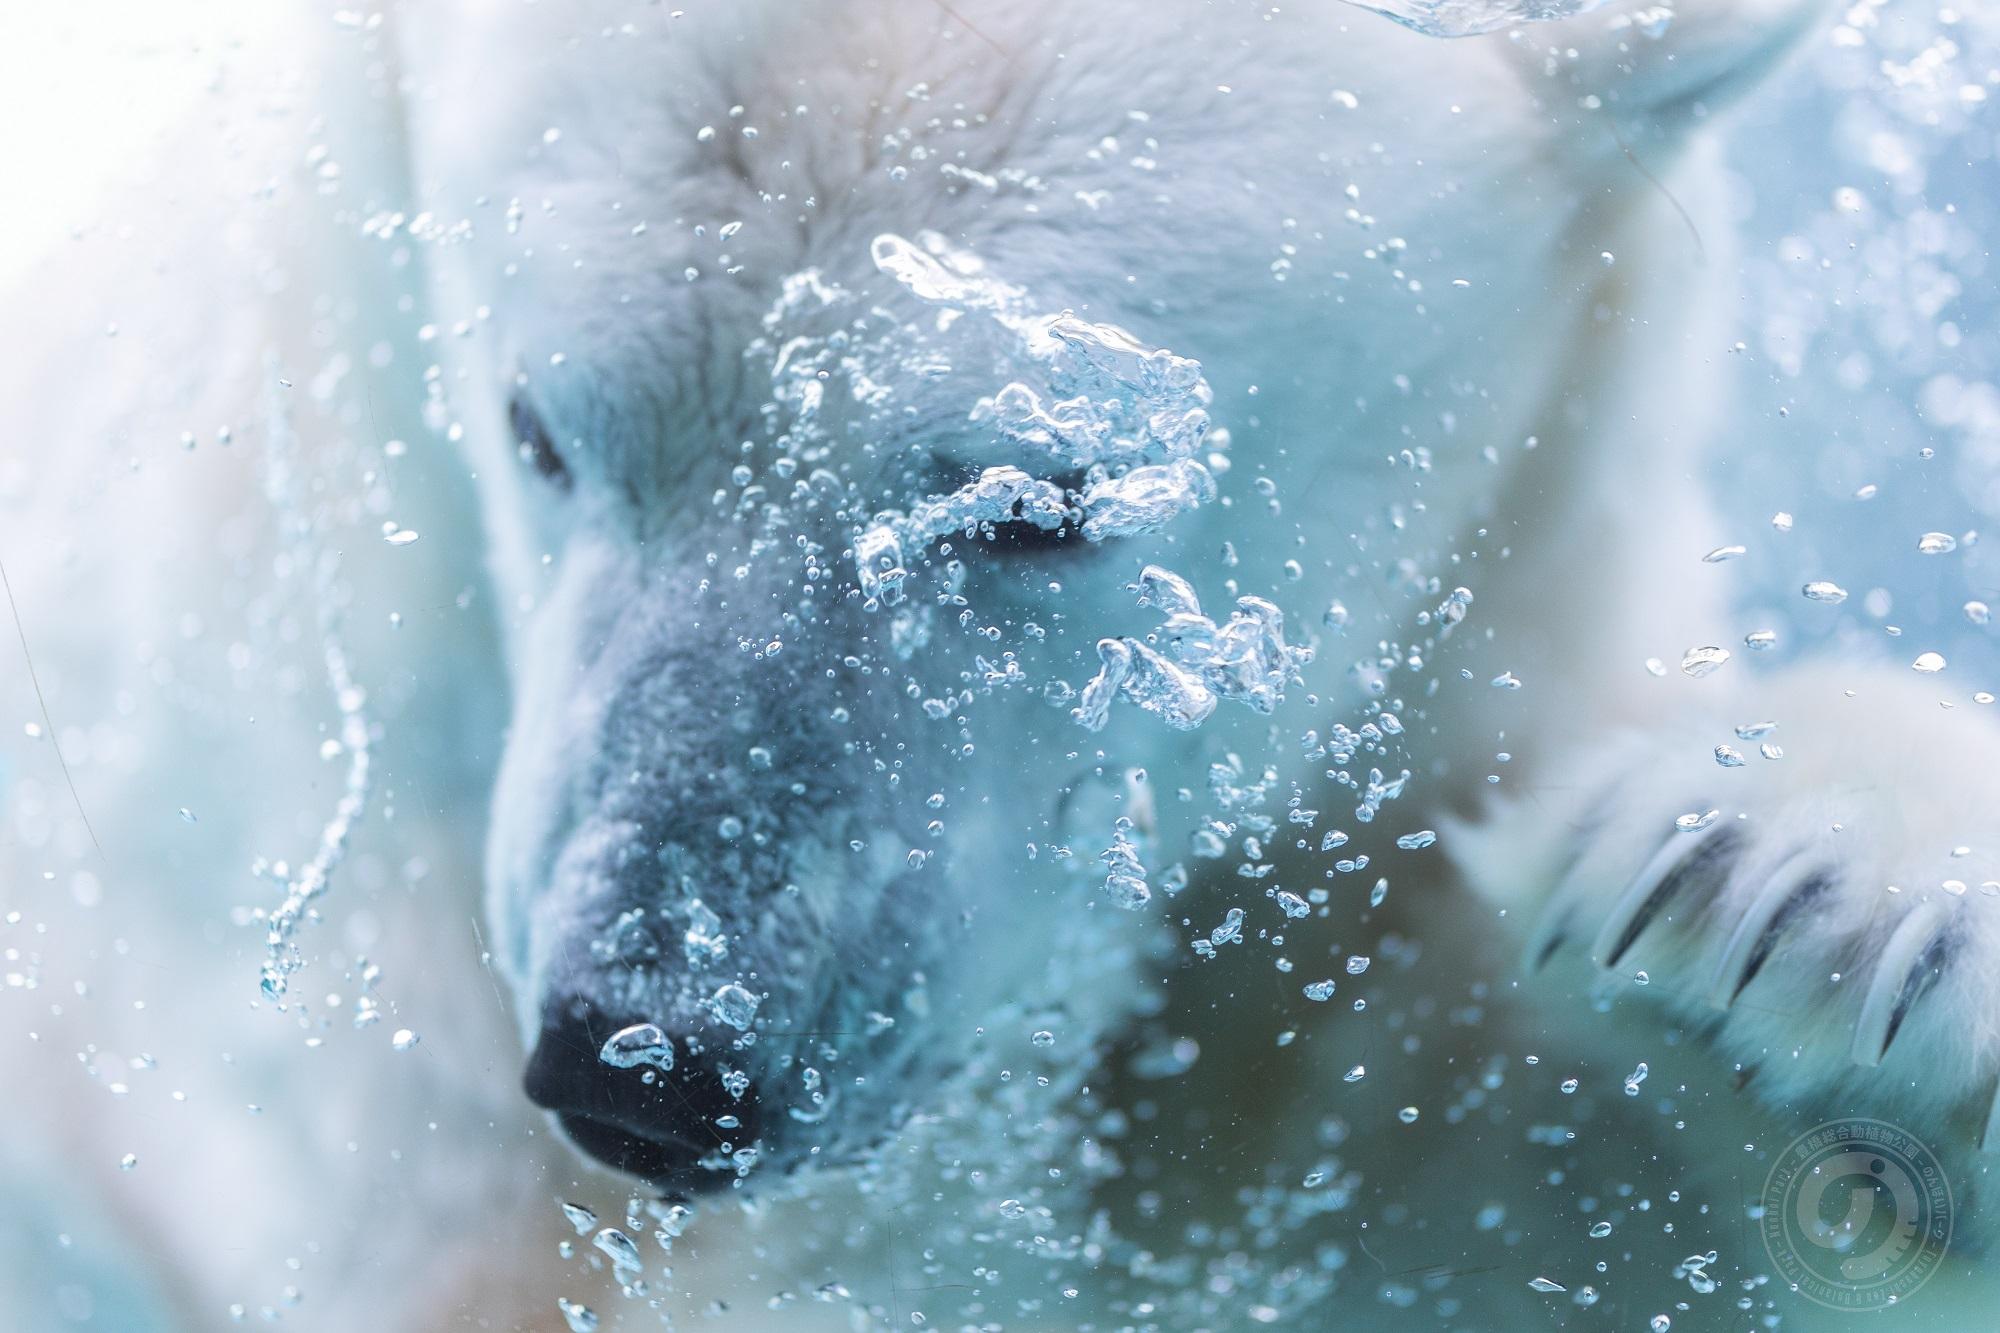 シロクマが冷たい水の中に飛び込んている様子